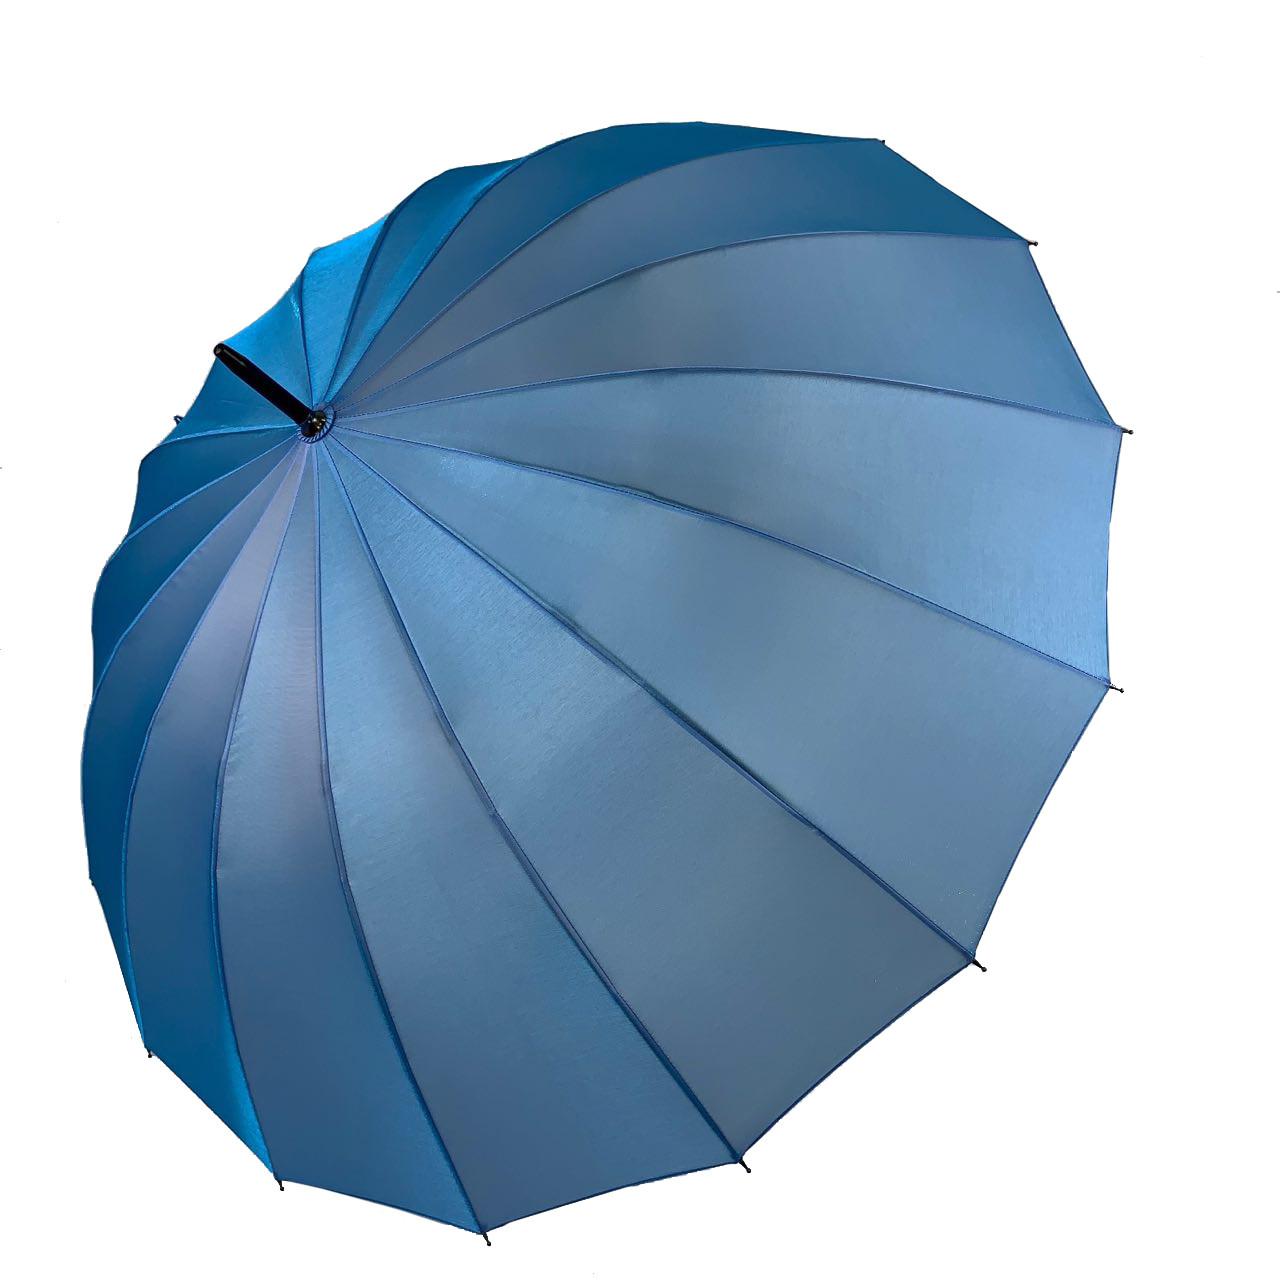 Жіночий парасольку-тростину, напівавтомат від Calm Rain, блакитний (хамелеон), 1002-6